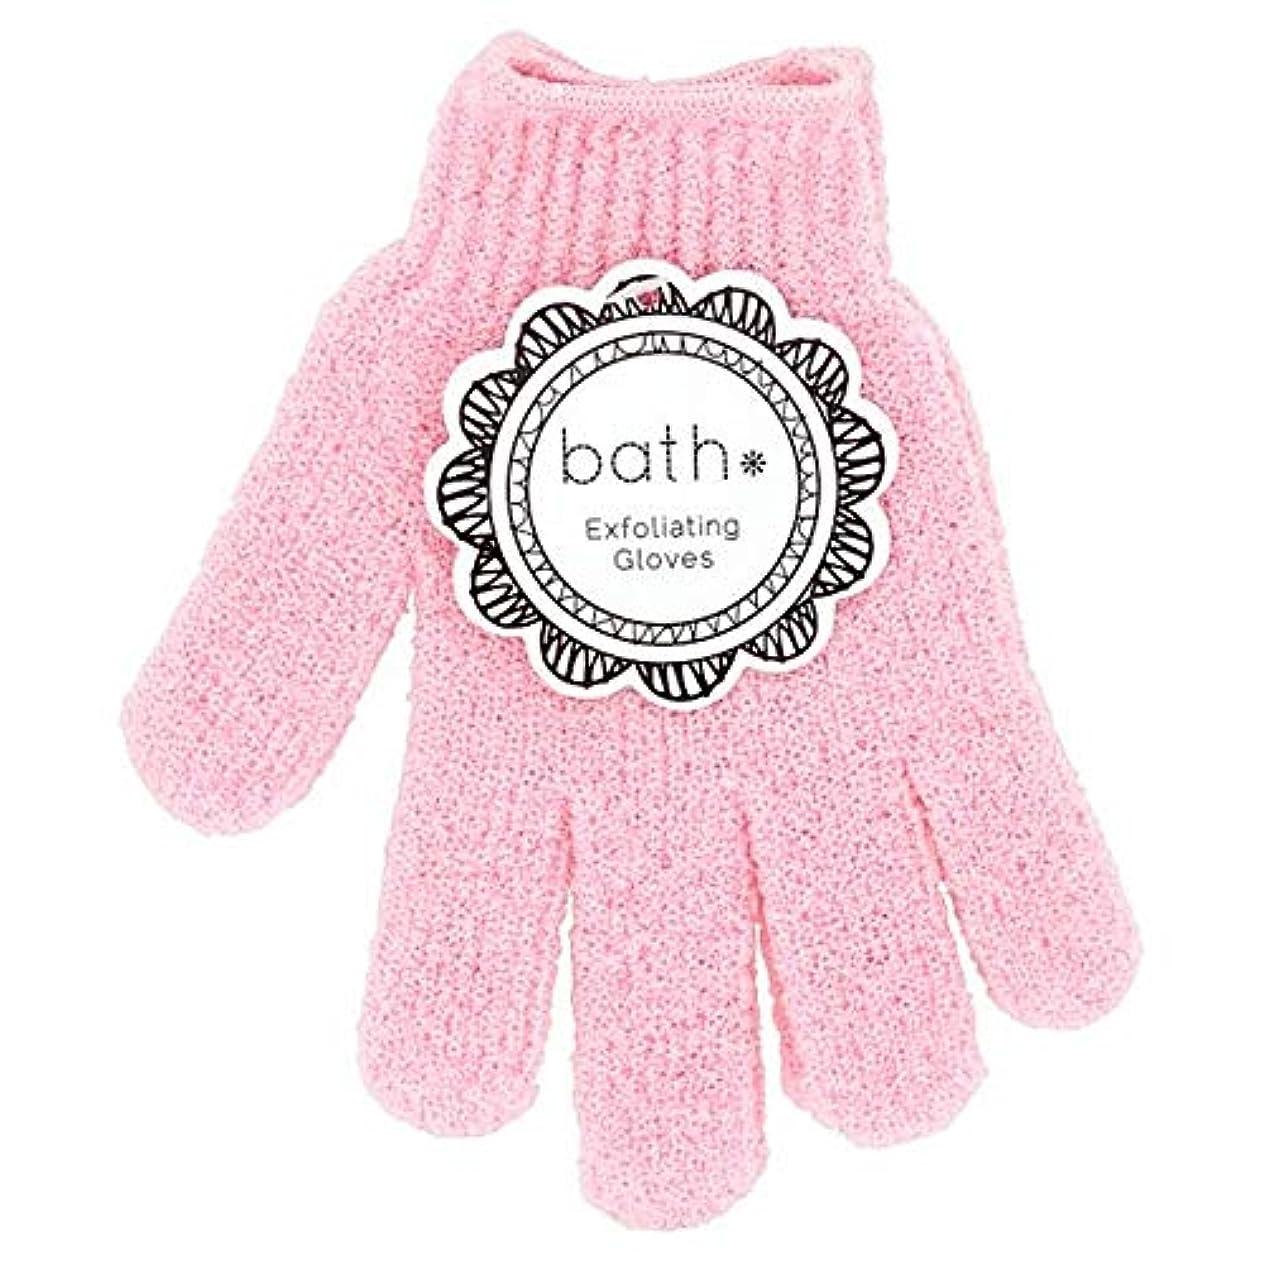 立法売る冗長[Bath Essentials] 手袋を剥離風呂の必需品 - Bath Essentials Exfoliating Gloves [並行輸入品]